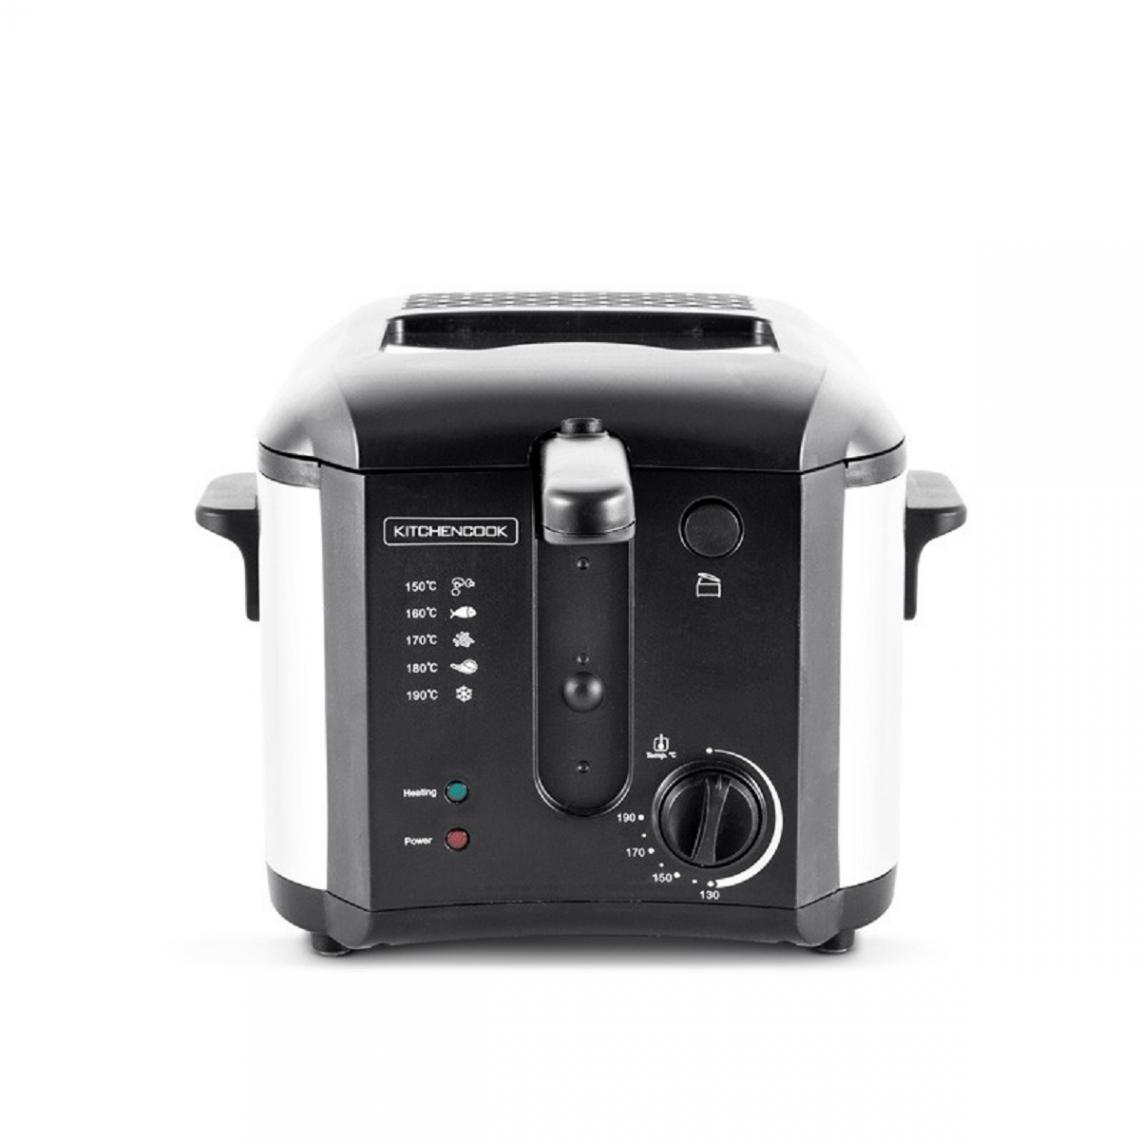 Kitchencook Friteuse avec thermostat réglable et filtre anti graisse FR2020